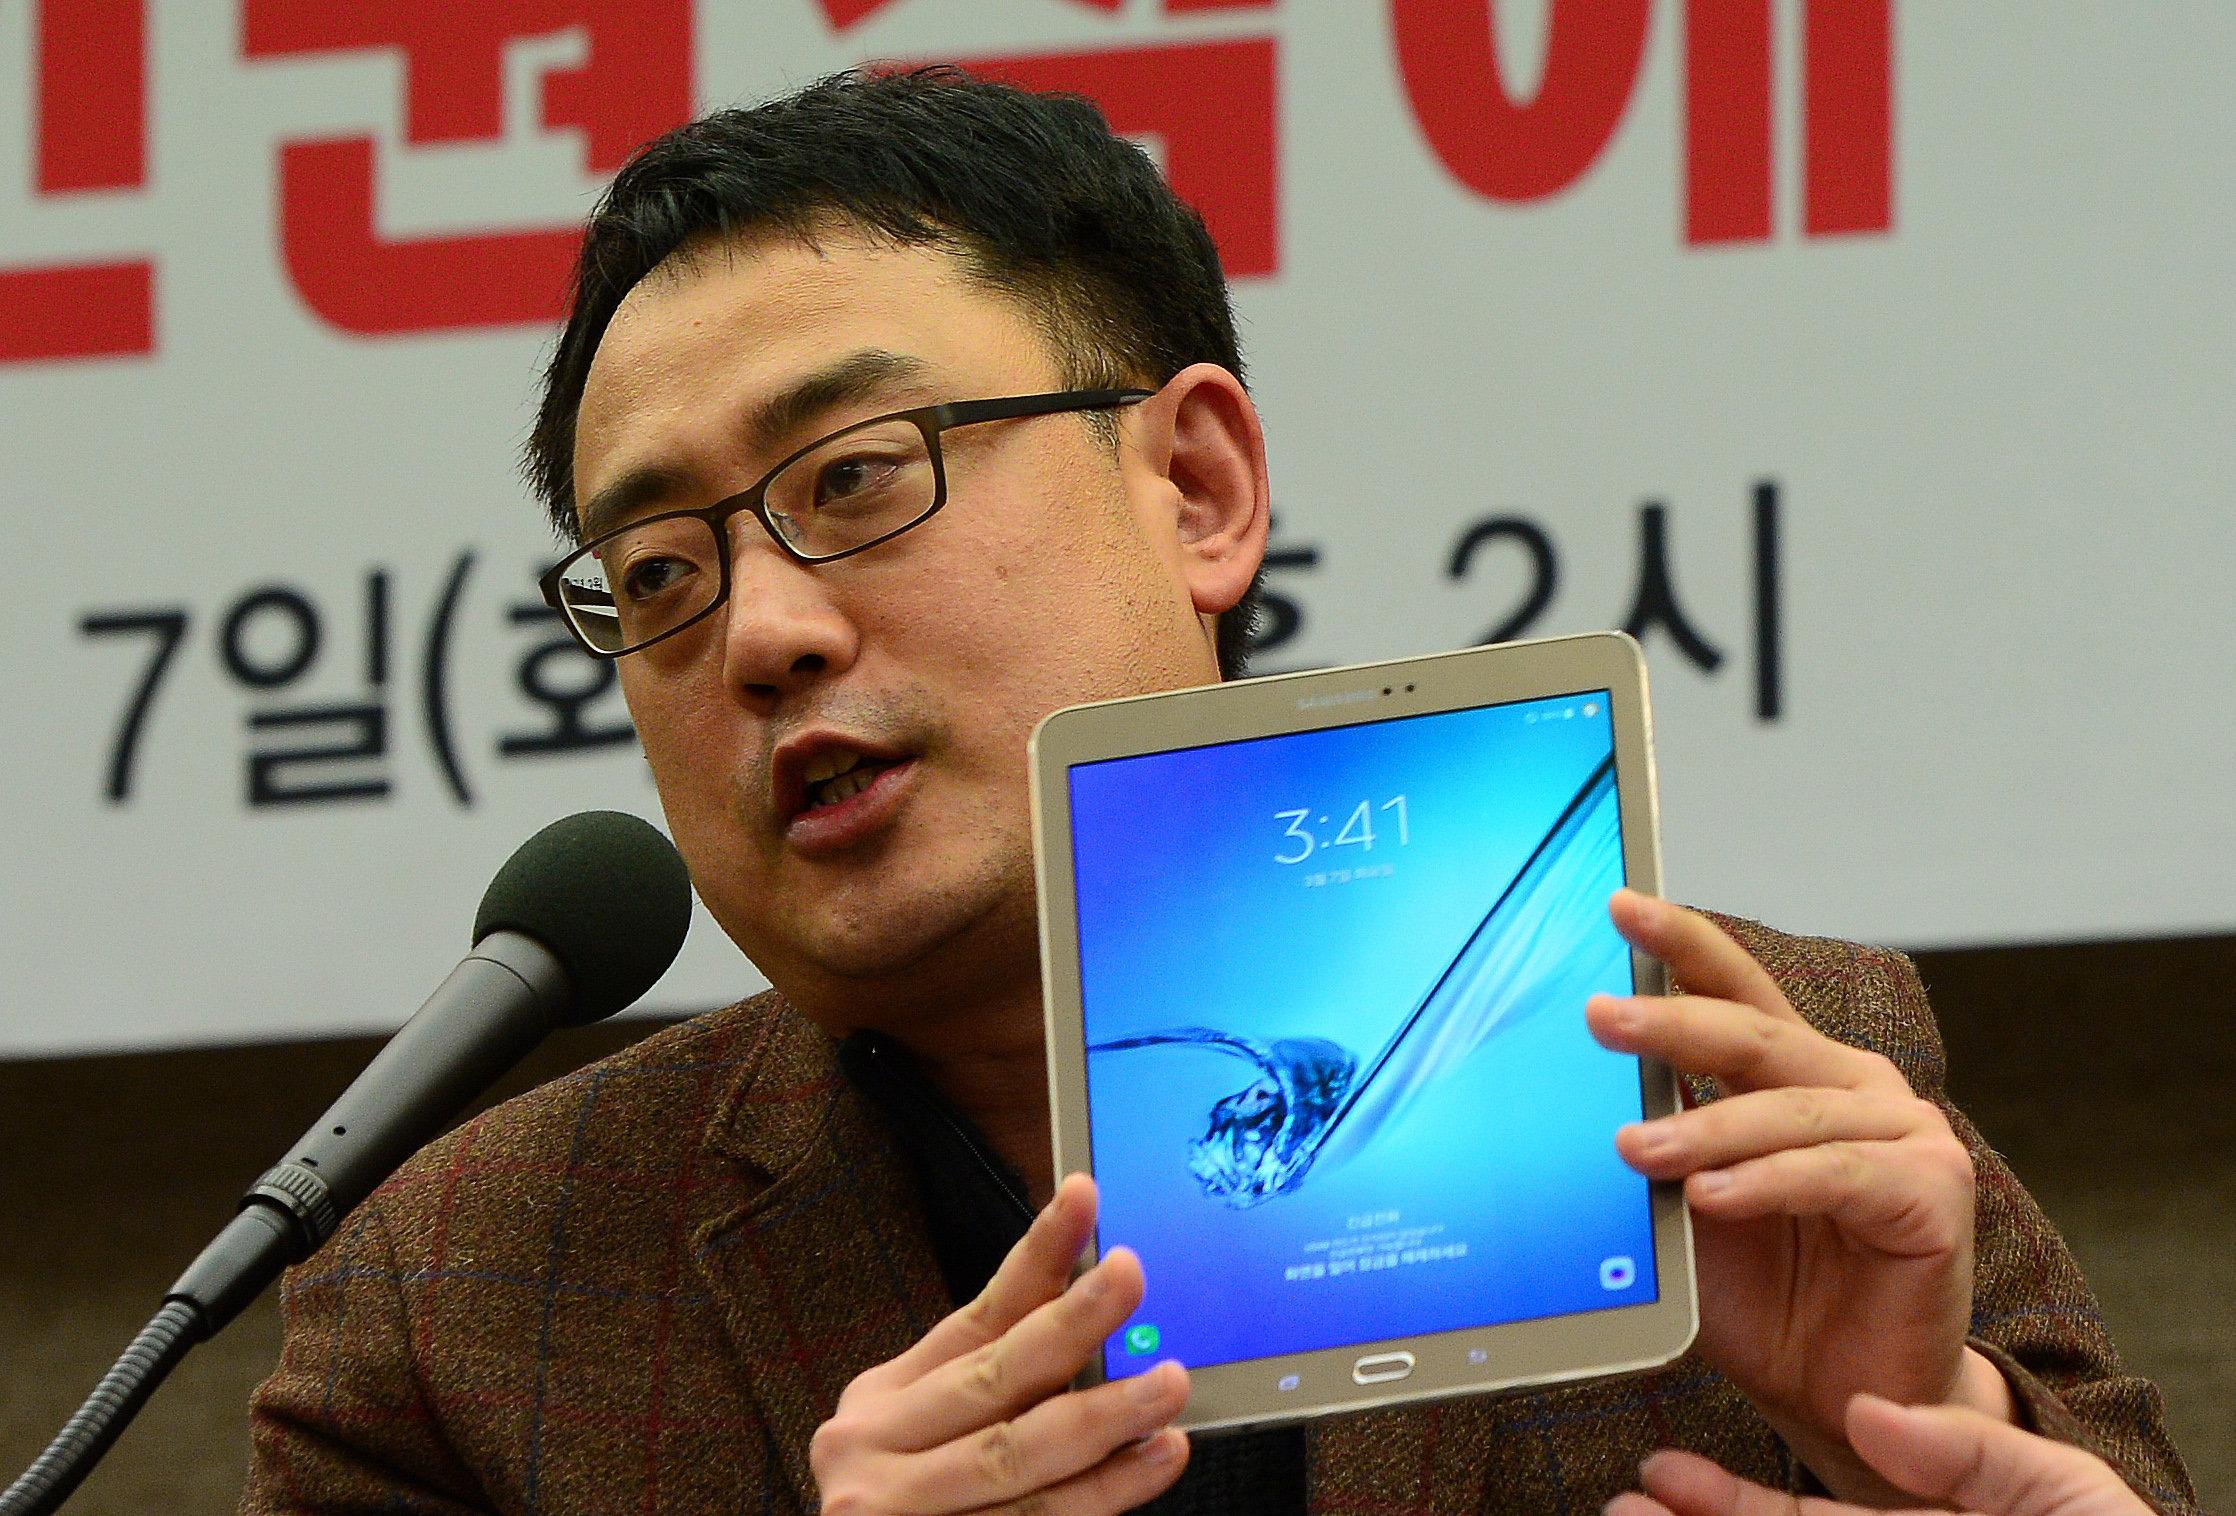 '태블릿PC 조작설 유포'한 변희재가 구속됐다